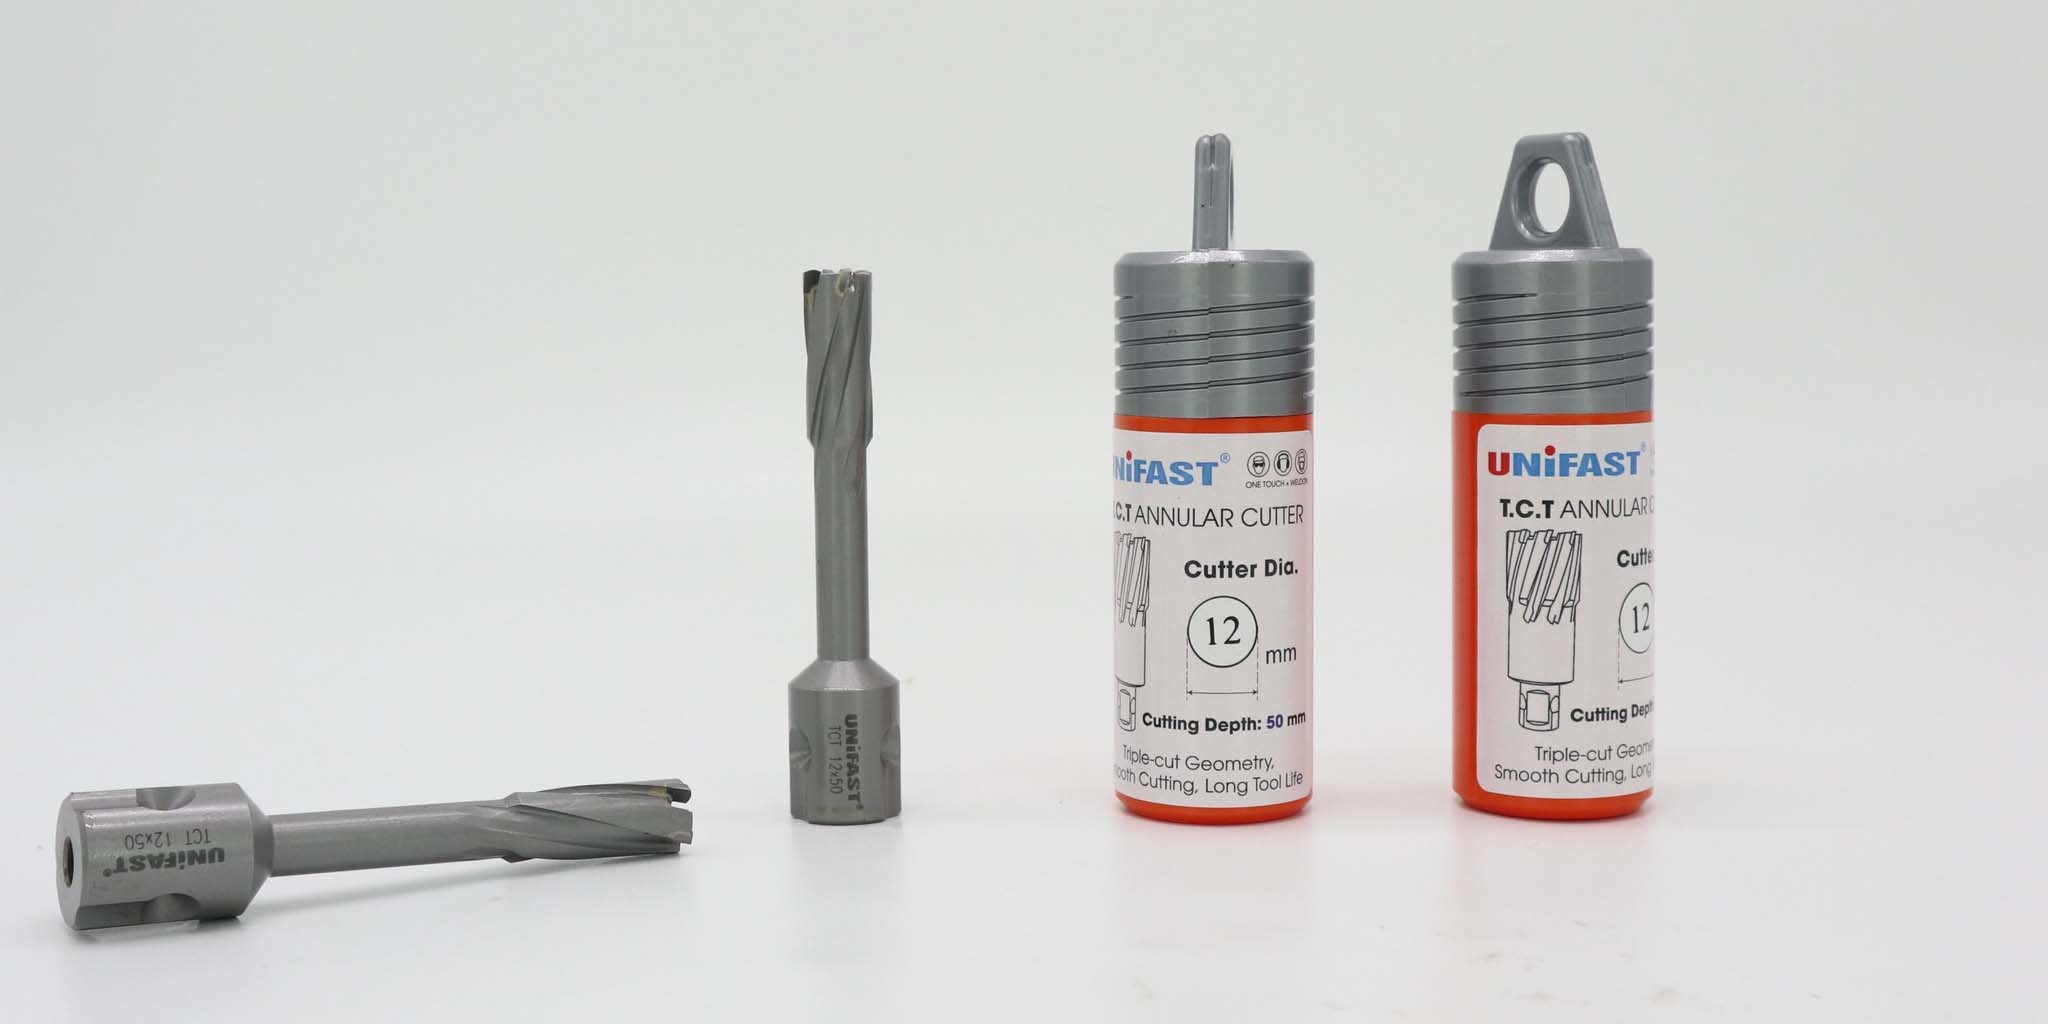 Mũi khoan từ 12x50 chuyên dùng khoan thép cứng hiệu Unifast